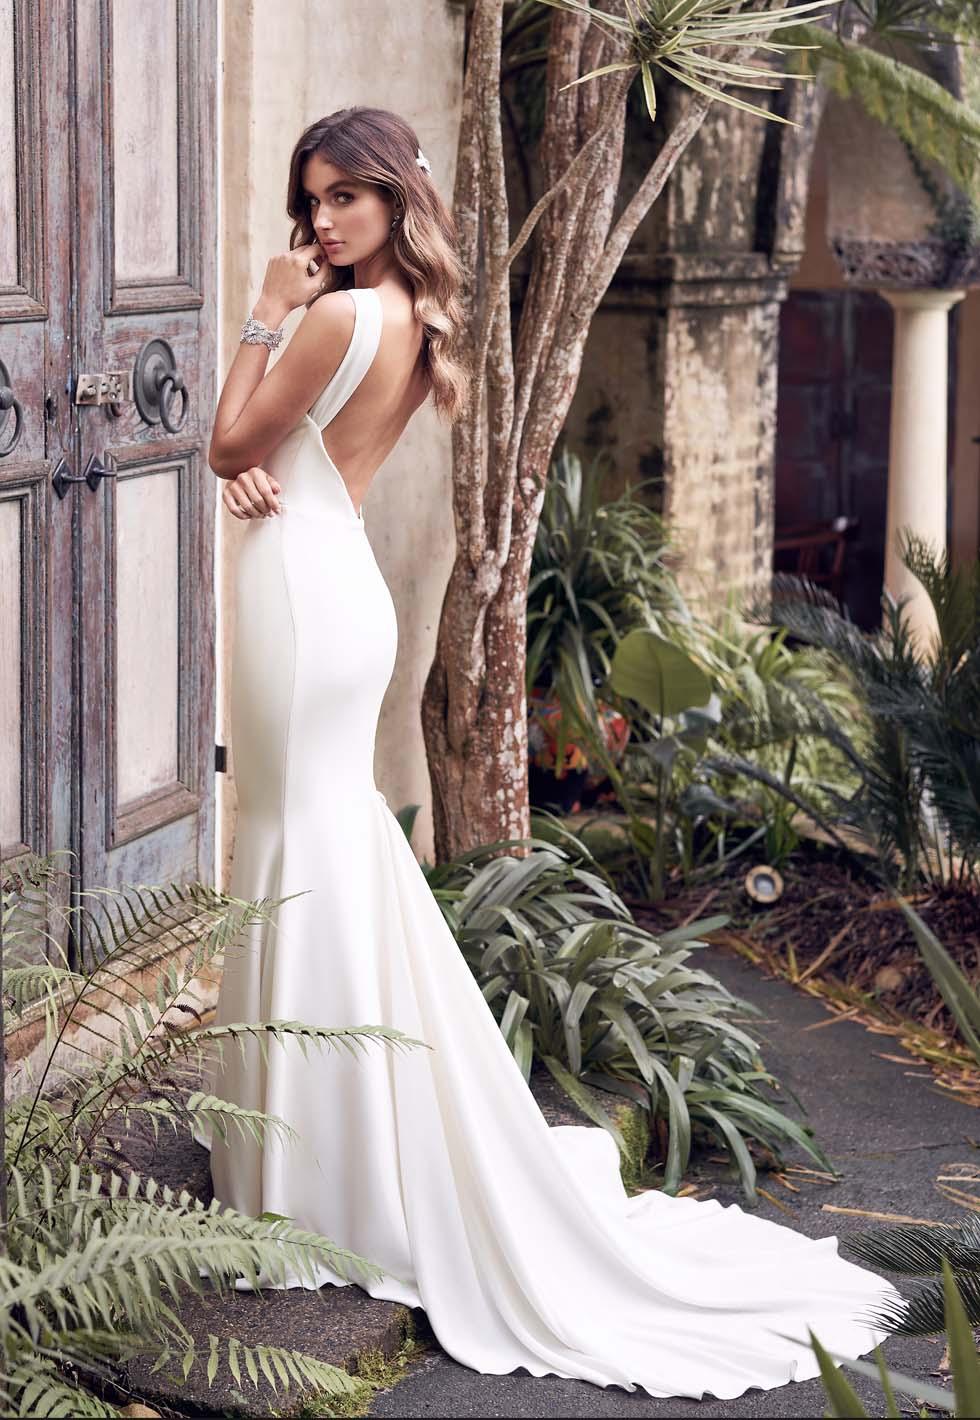 Brautkleid Farbe Eierschale Brautkleid-Farbe Eierschale Anna Campbell